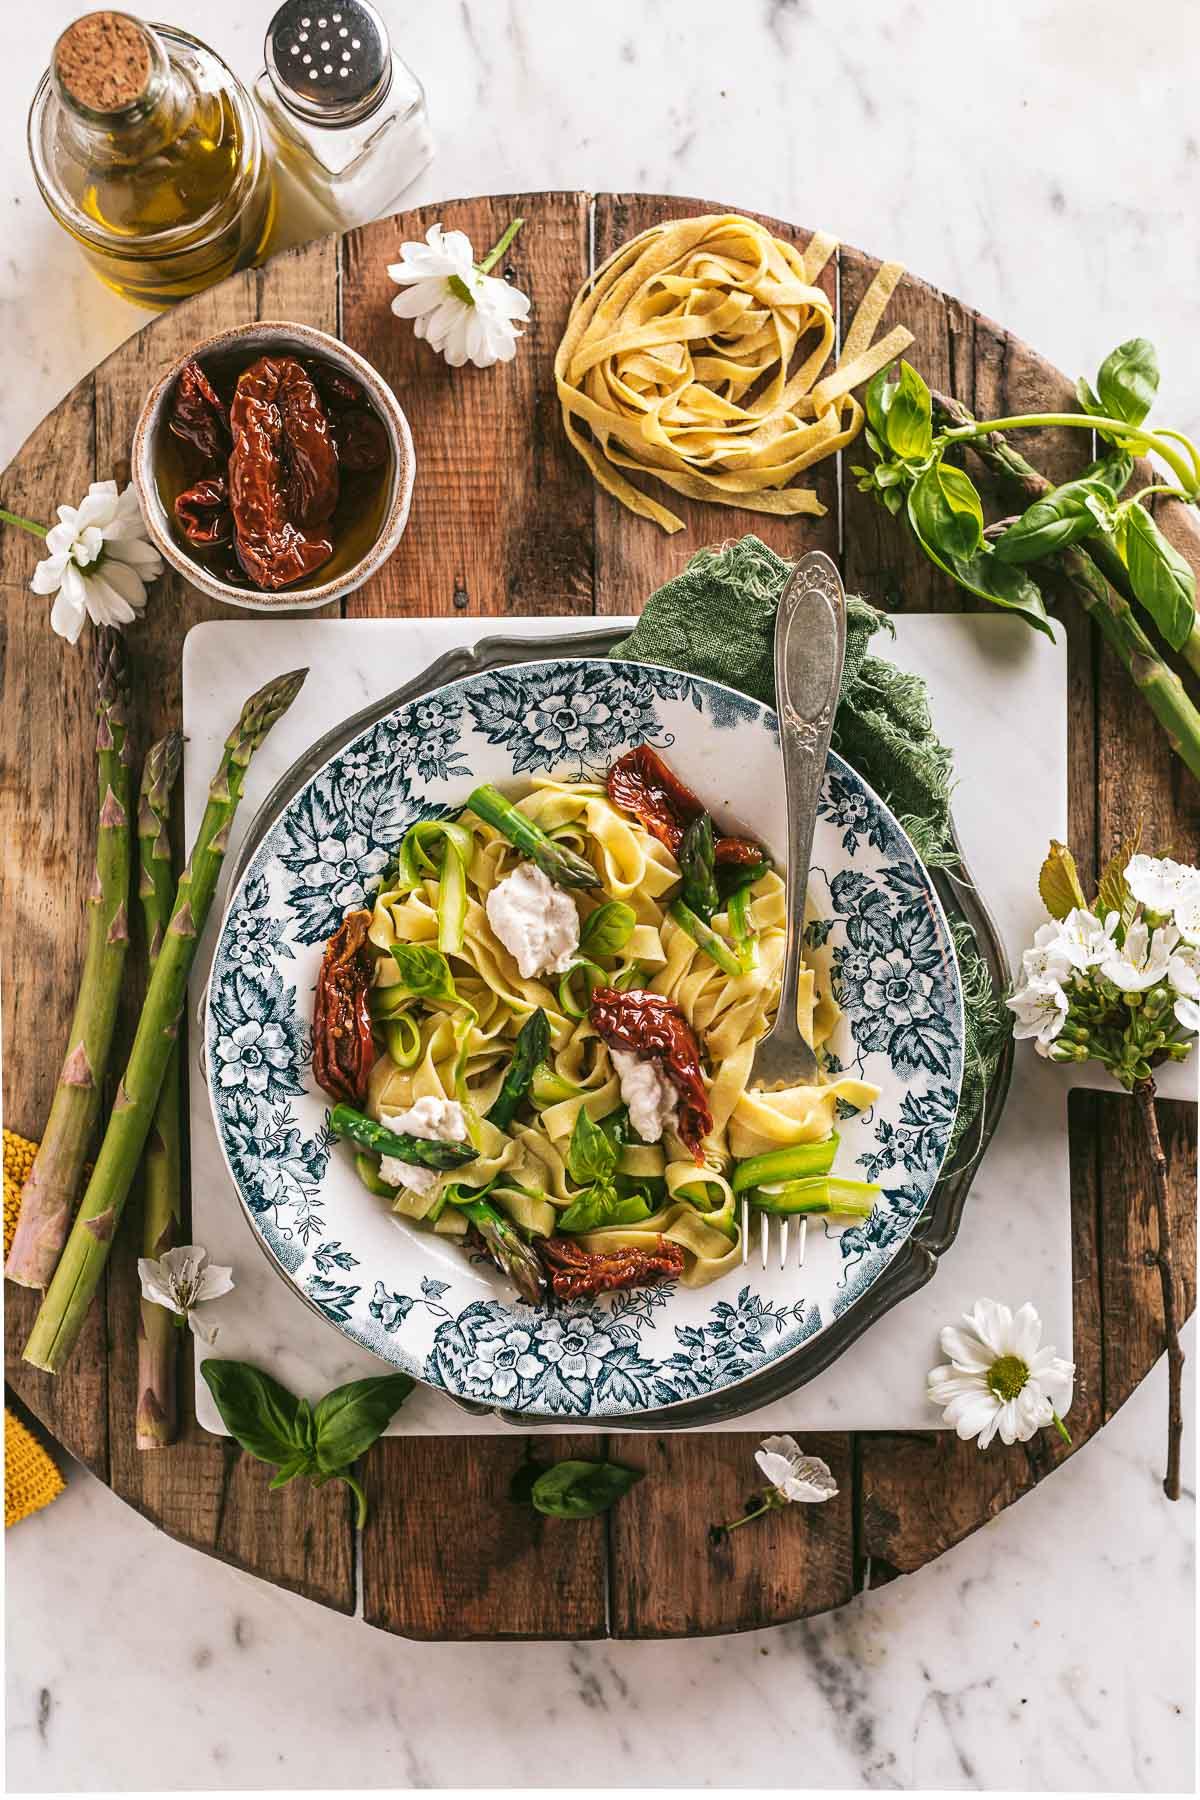 Menu di Pasqua vegan tagliatelle vegan agli asparagi pasta fresca agli asparagi Pomodori Secchi pasta fresca Vegan Sun Dried Tomato Asparagus Tagliatelle vegan fresh pasta Easter